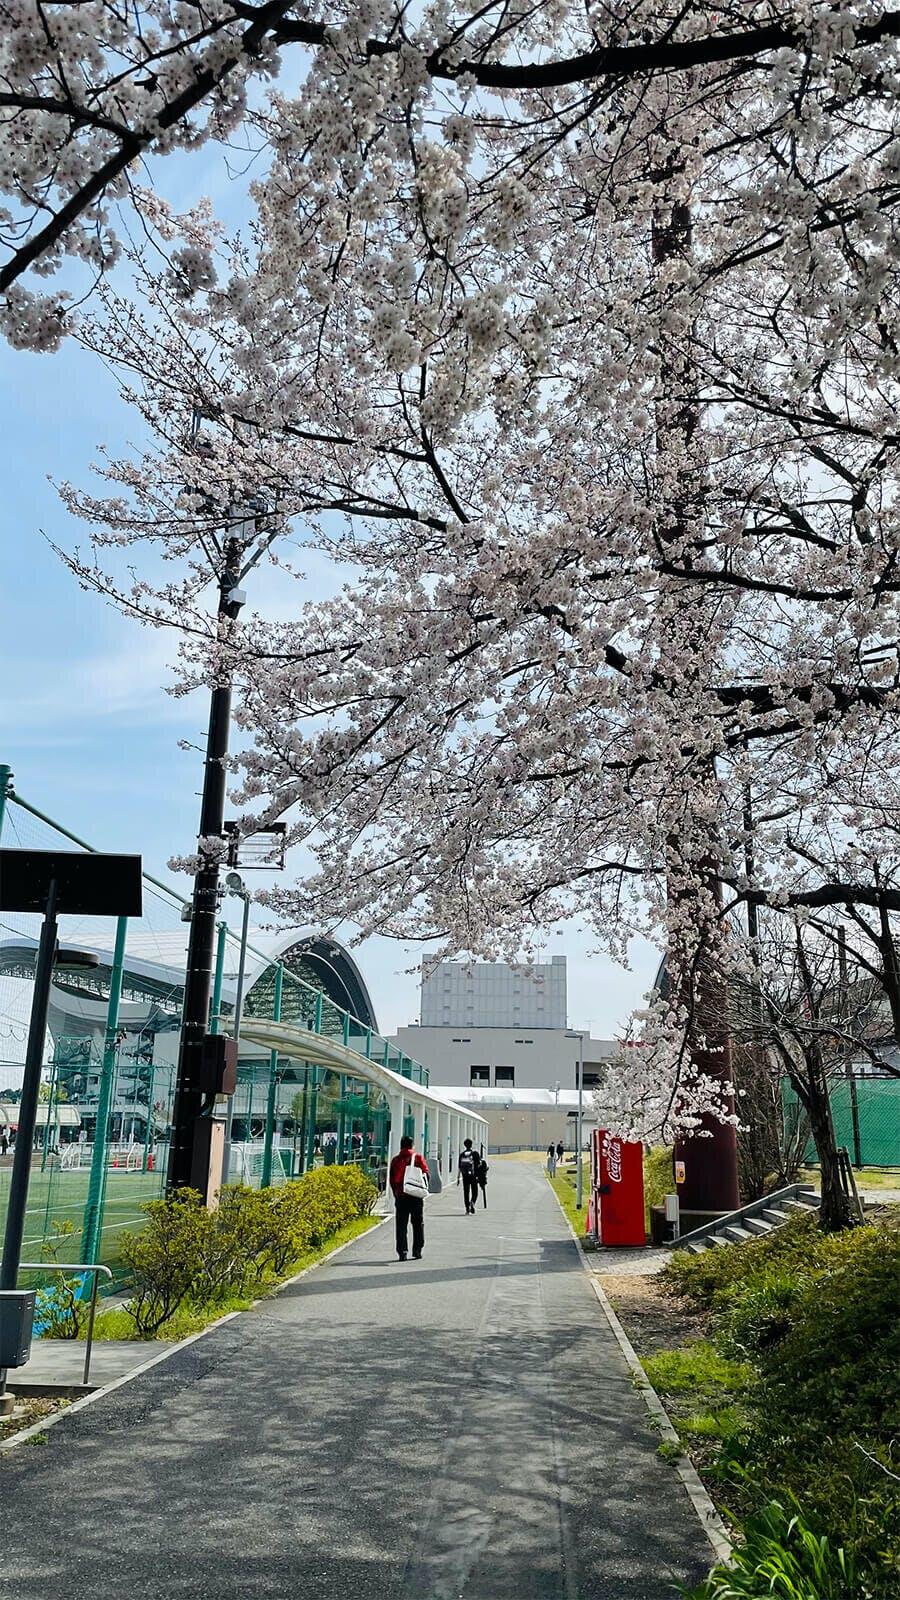 埼スタの桜 - 2021 Jリーグ YBC ルヴァンカップ グループステージ 第2節 埼玉スタジアム2002 柏レイソル戦